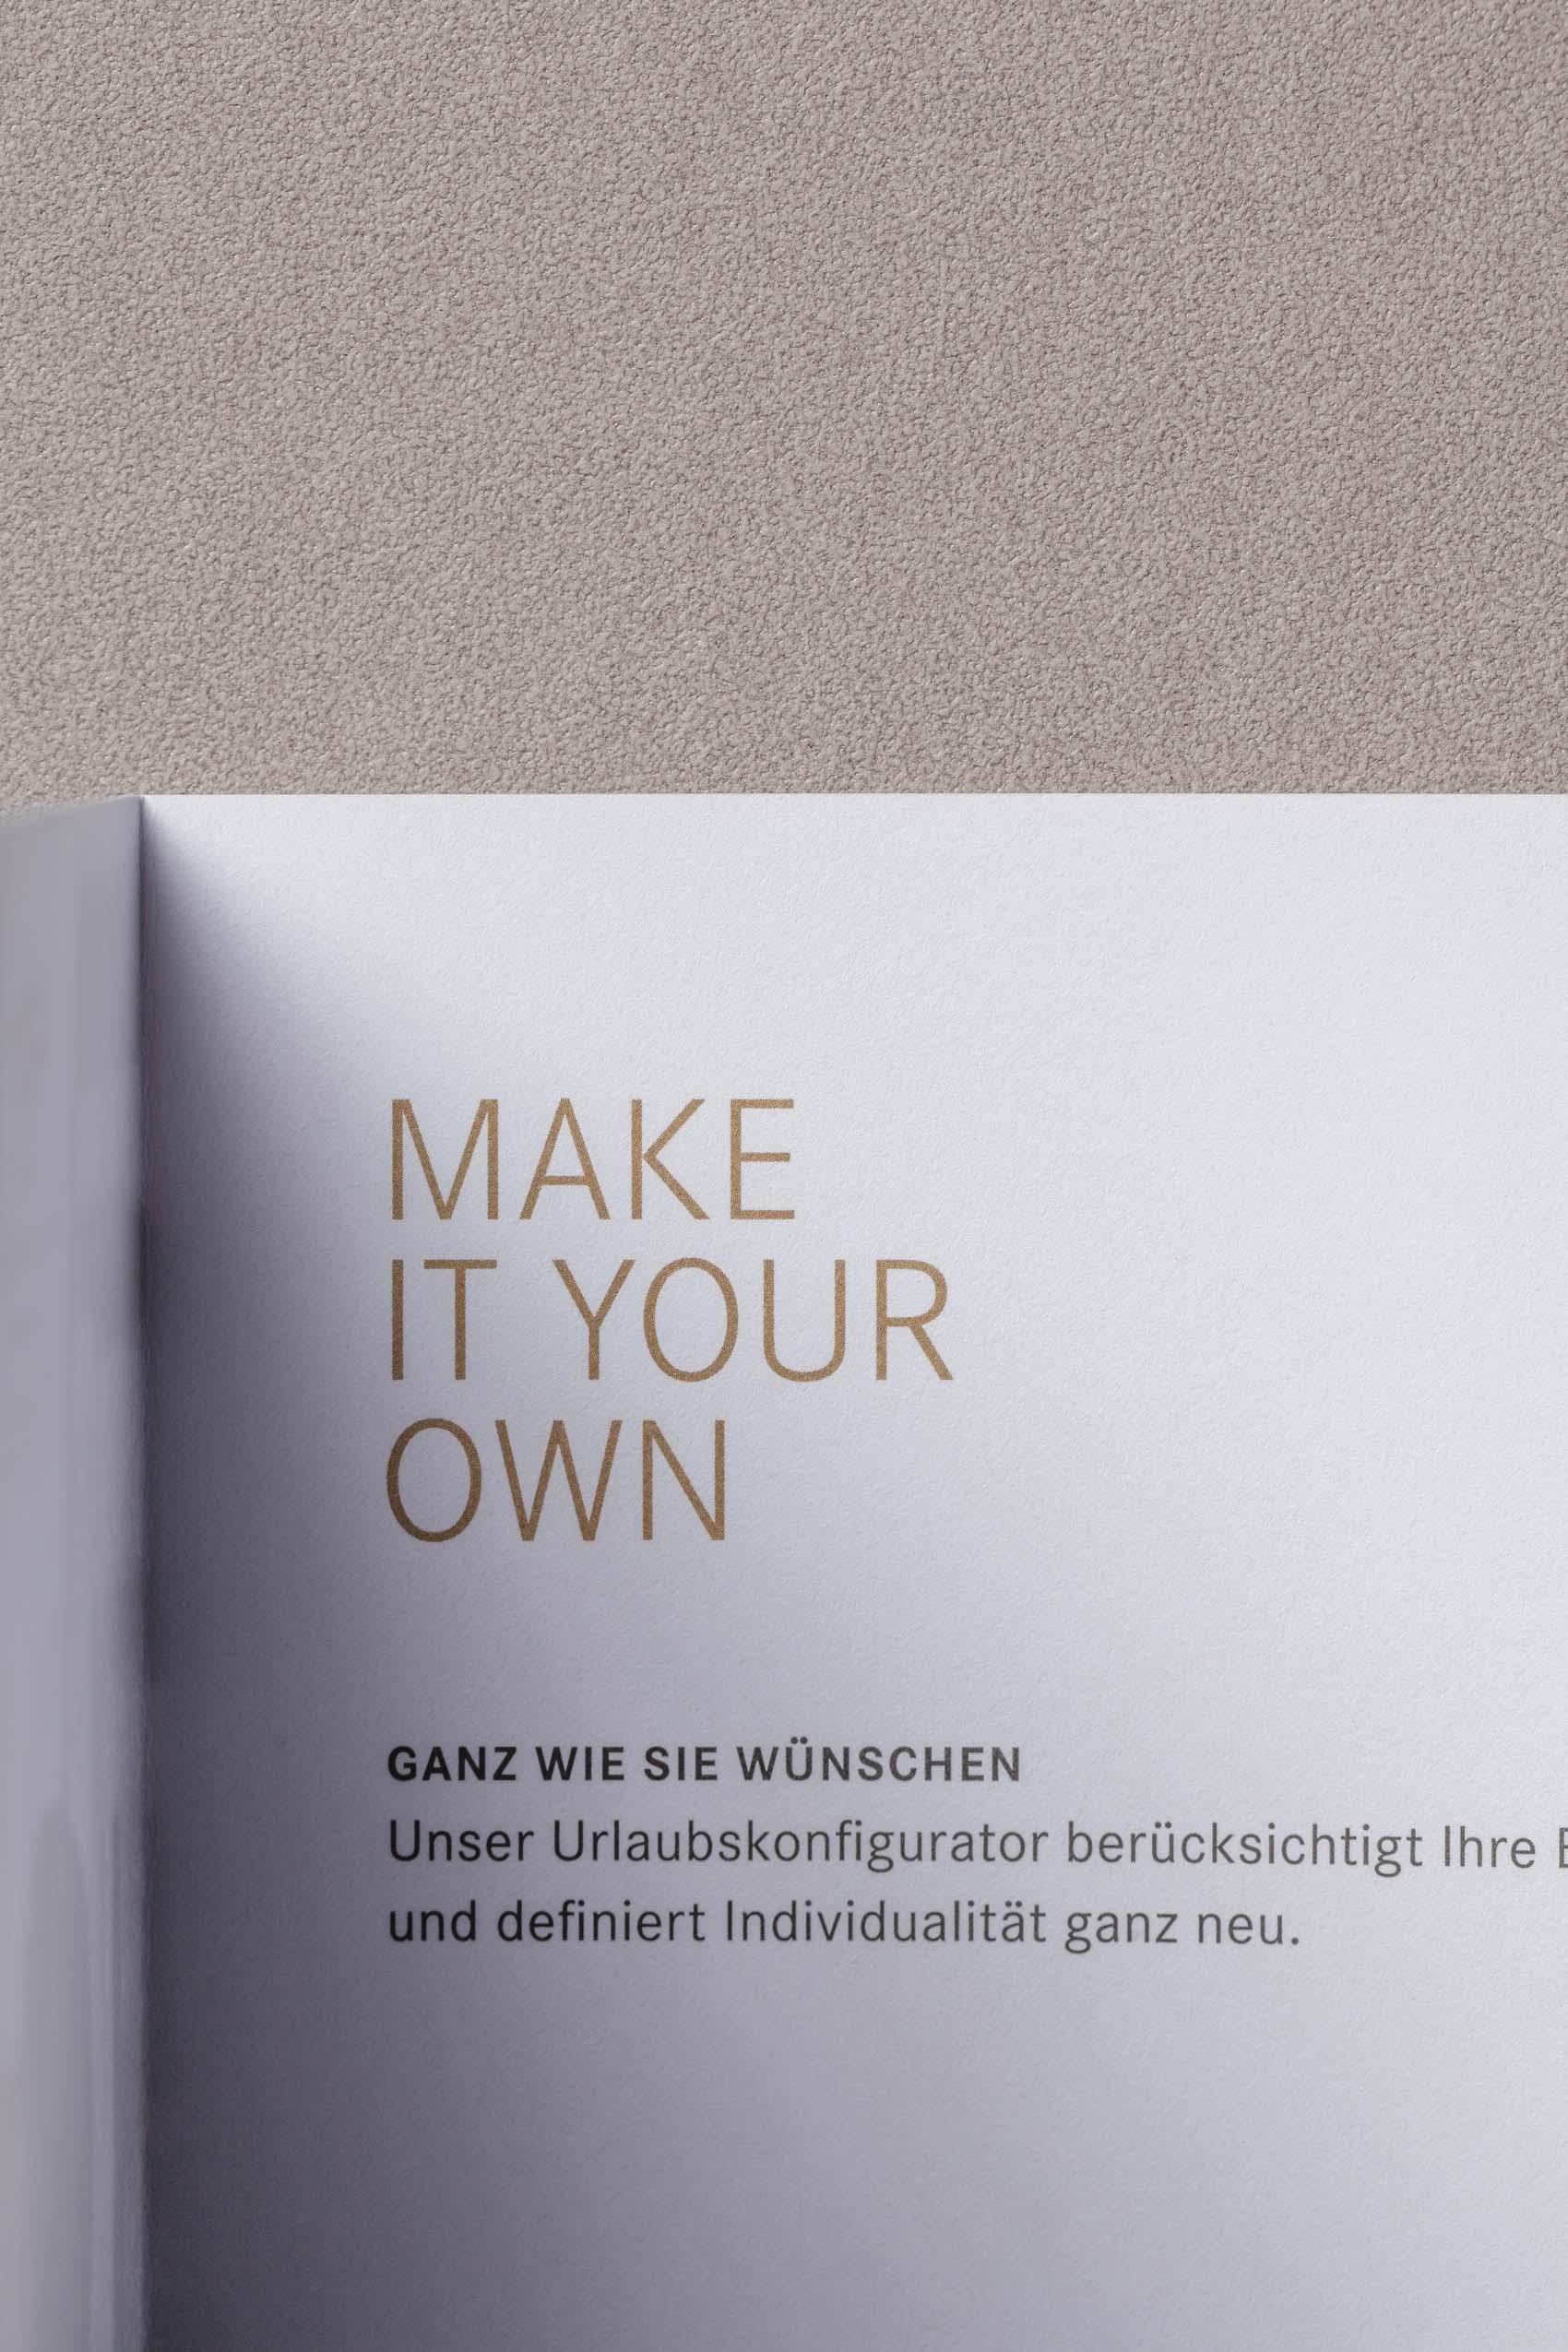 Agentur für Hotelbroschüren und Corporate Design für Hotels